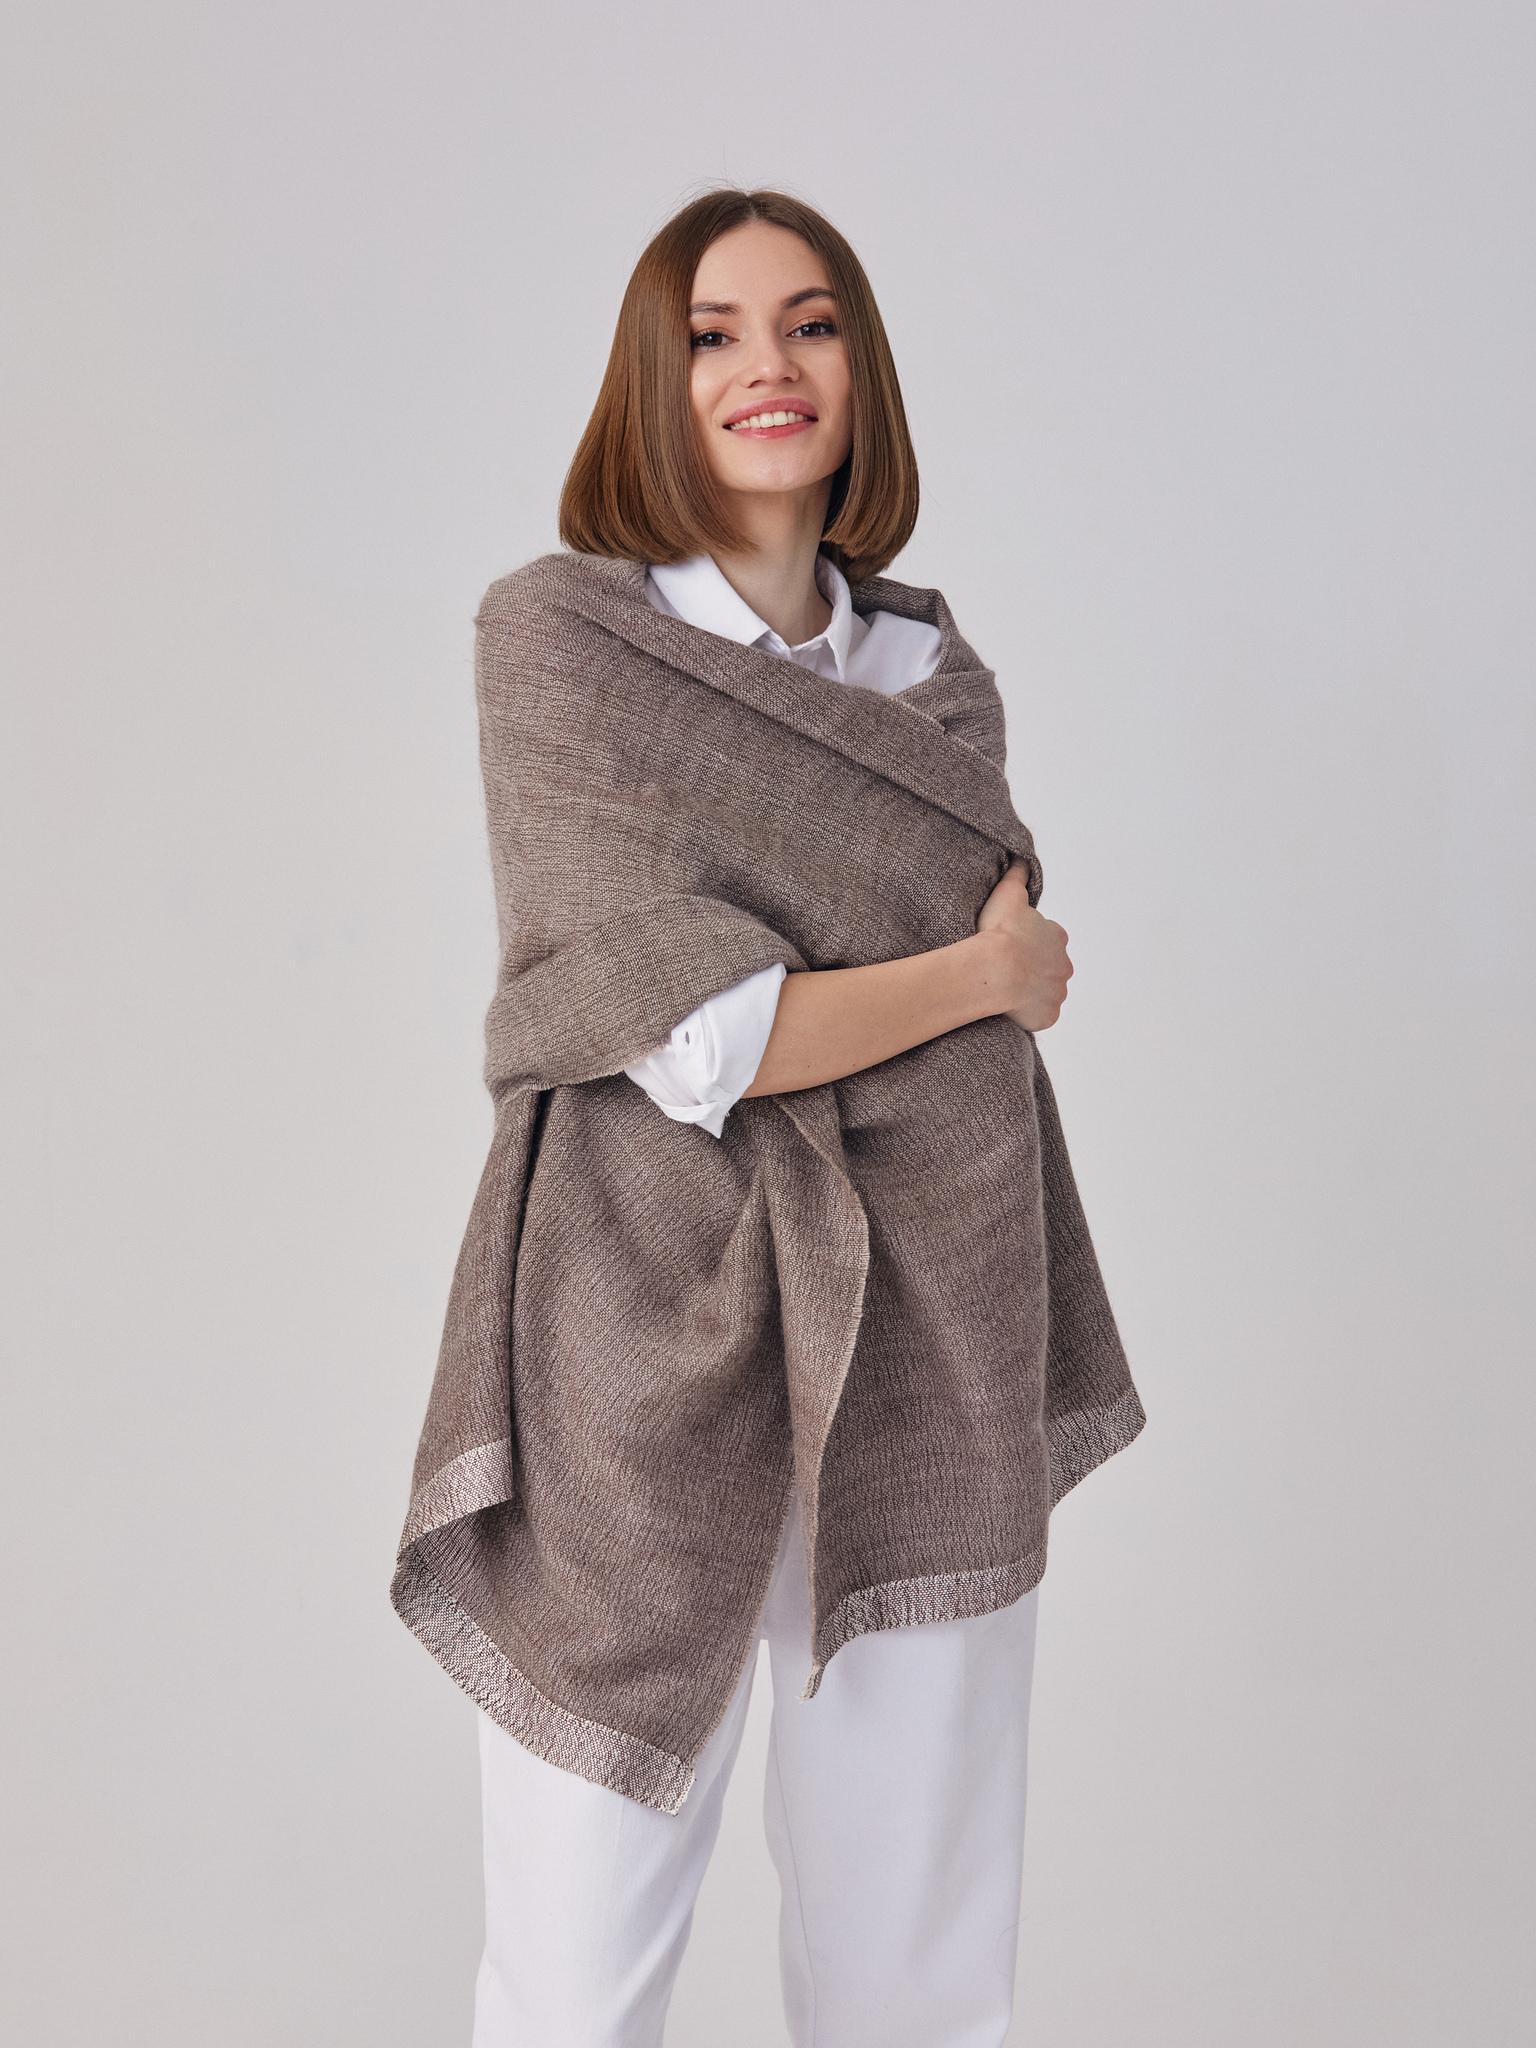 Тканый палантин из ангоры, кашемира и шелка шарф шаль